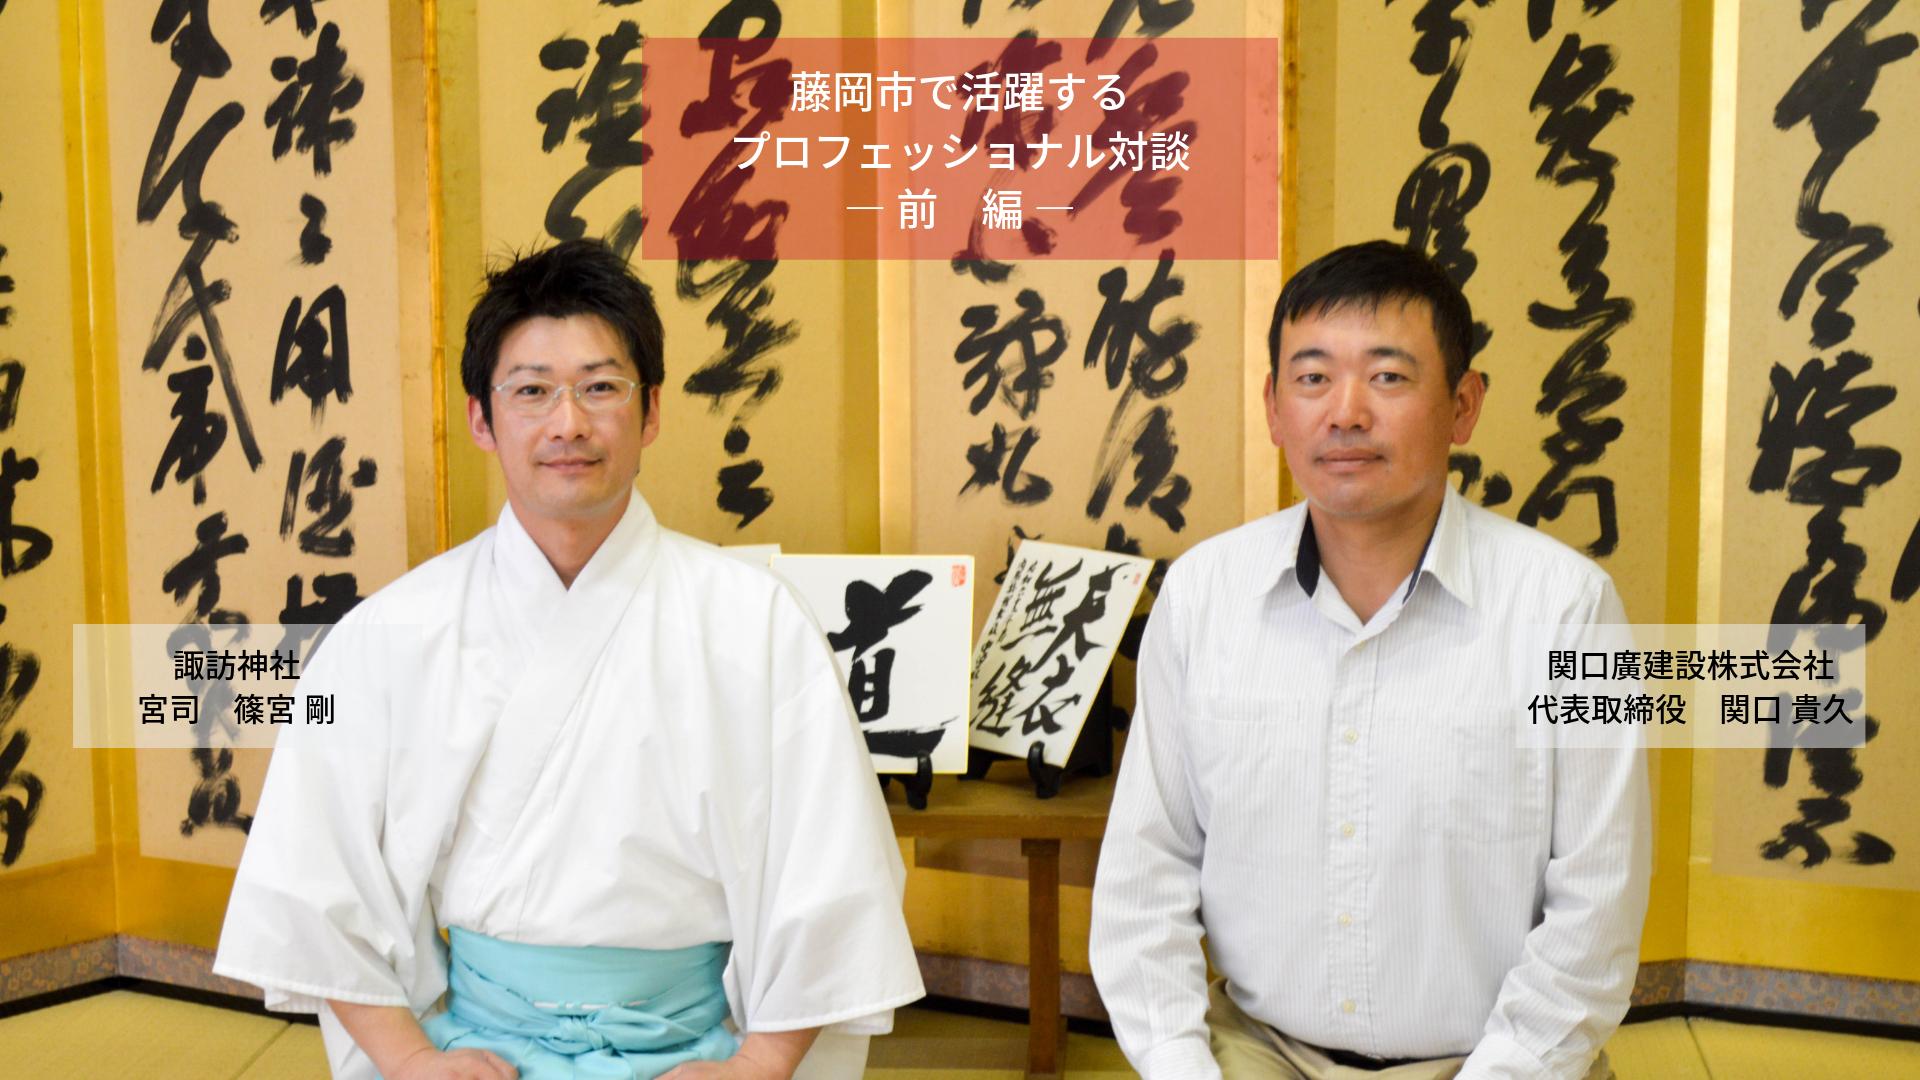 藤岡市で活躍する プロフェッショナル対談 (1)